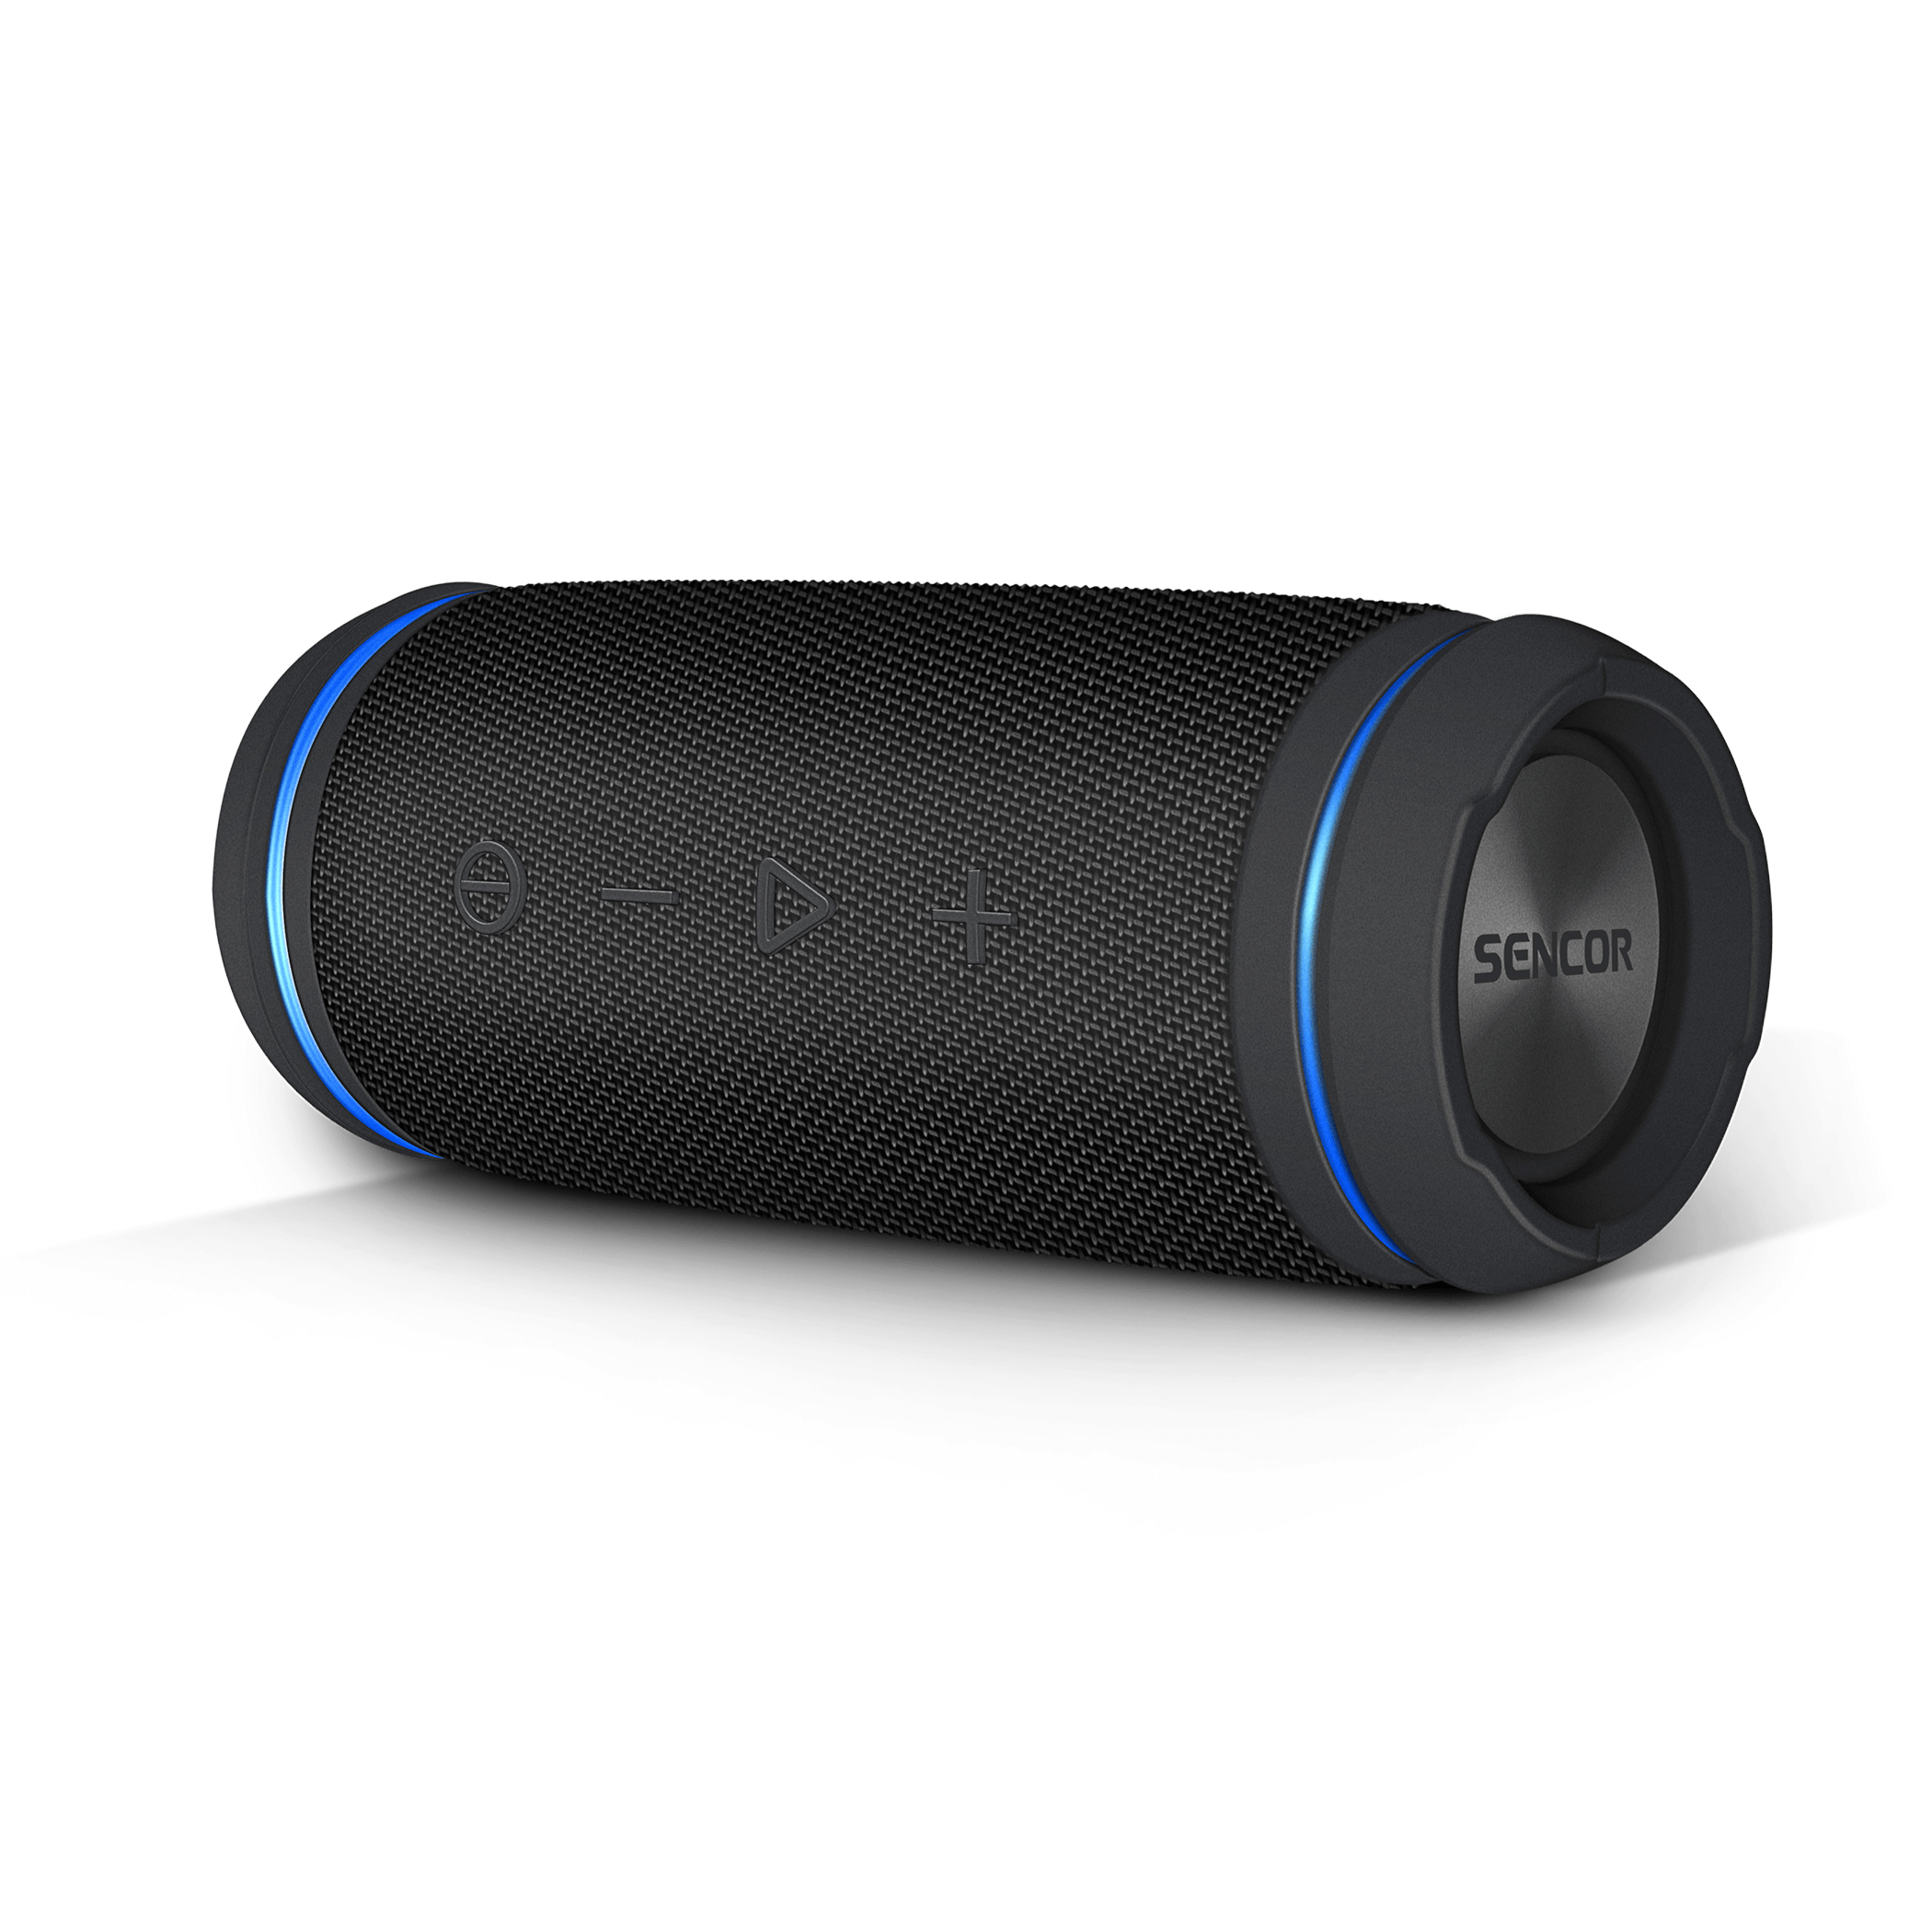 Sencor SSS 6100N SIRIUS MINI Bluetooth hangszóró, fekete